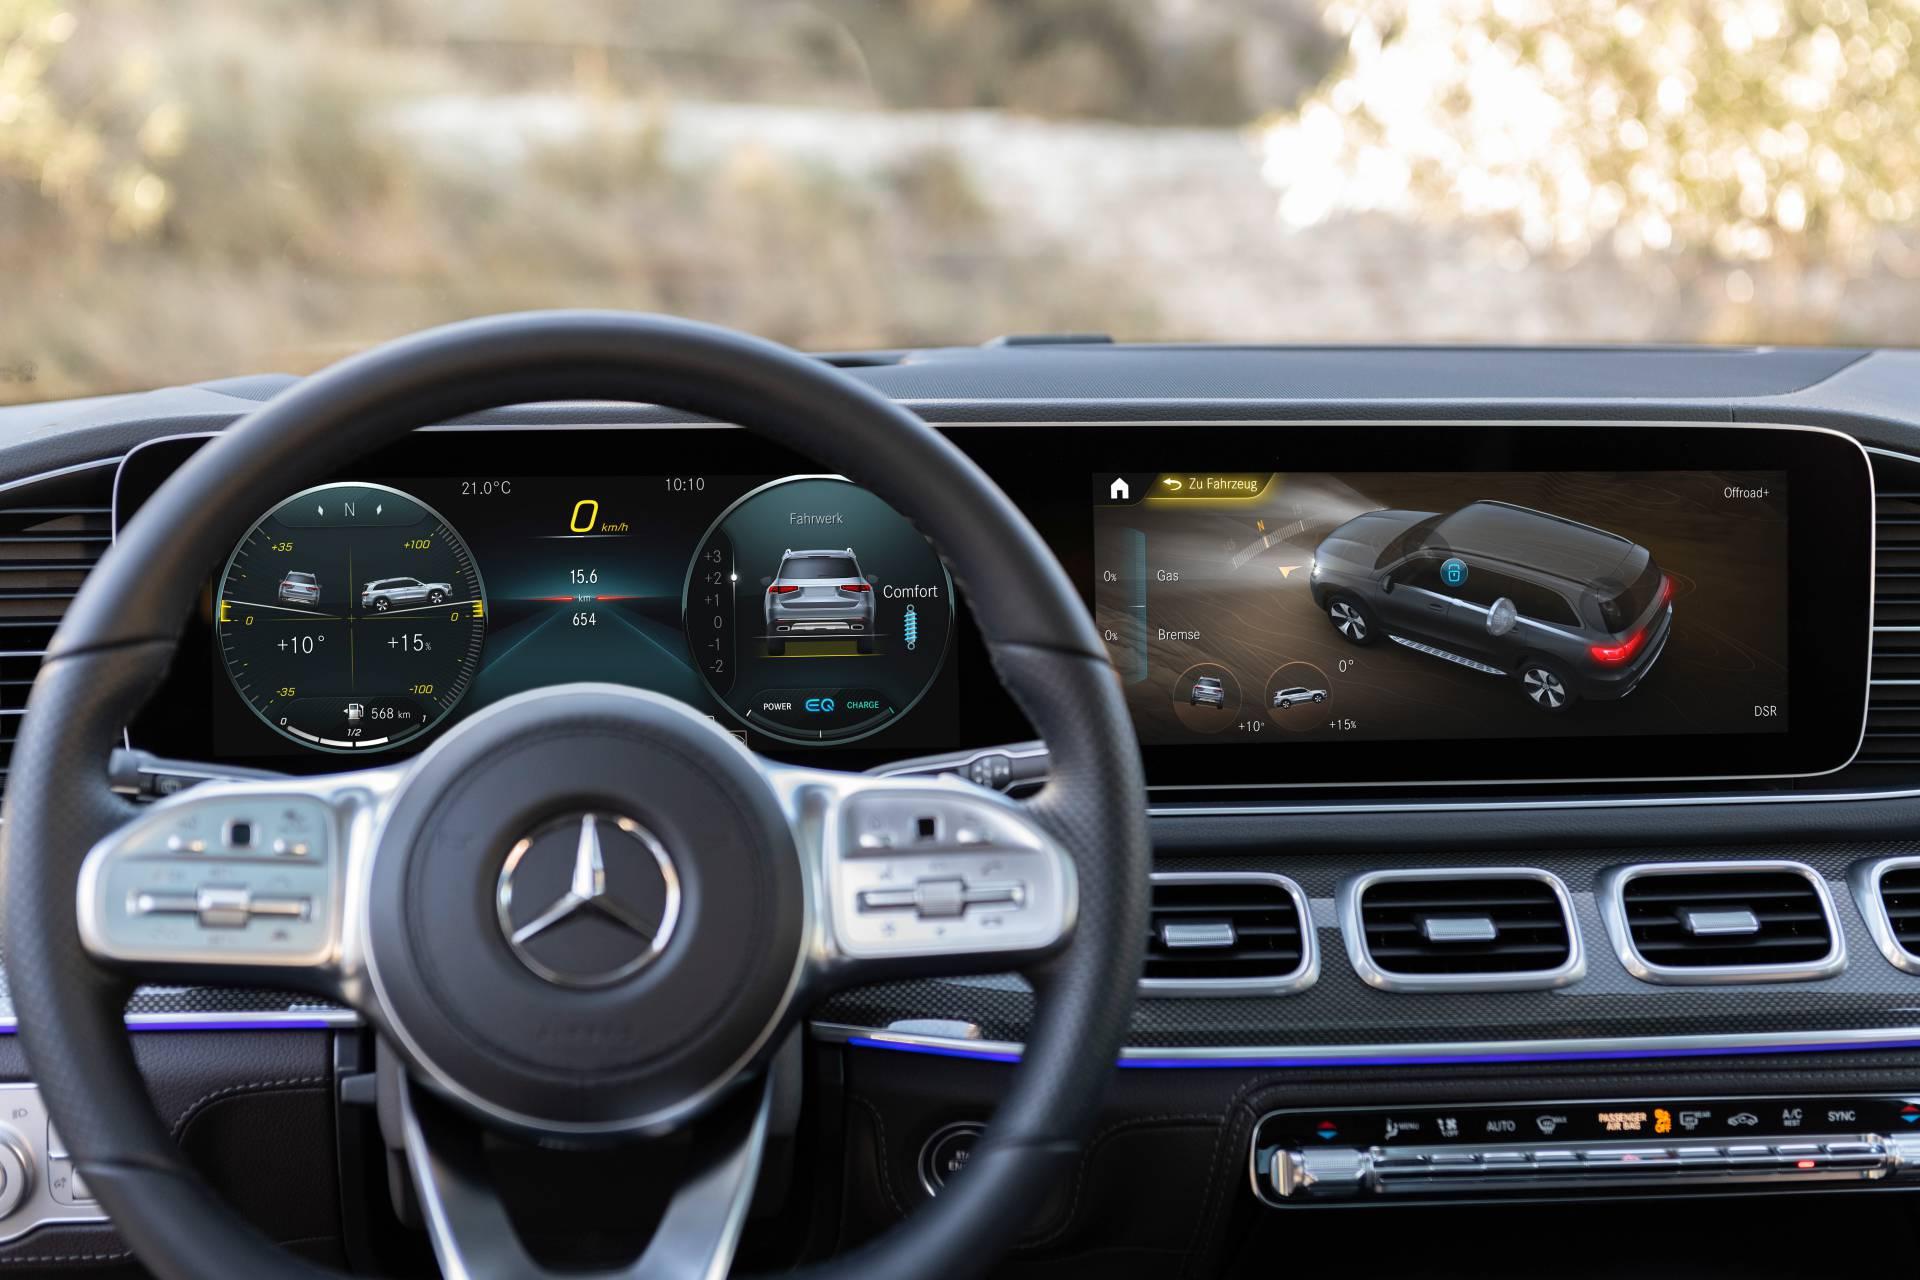 Mercedes-Benz giới thiệu 10 tính năng công nghệ hàng đầu trong năm 2019 - 2